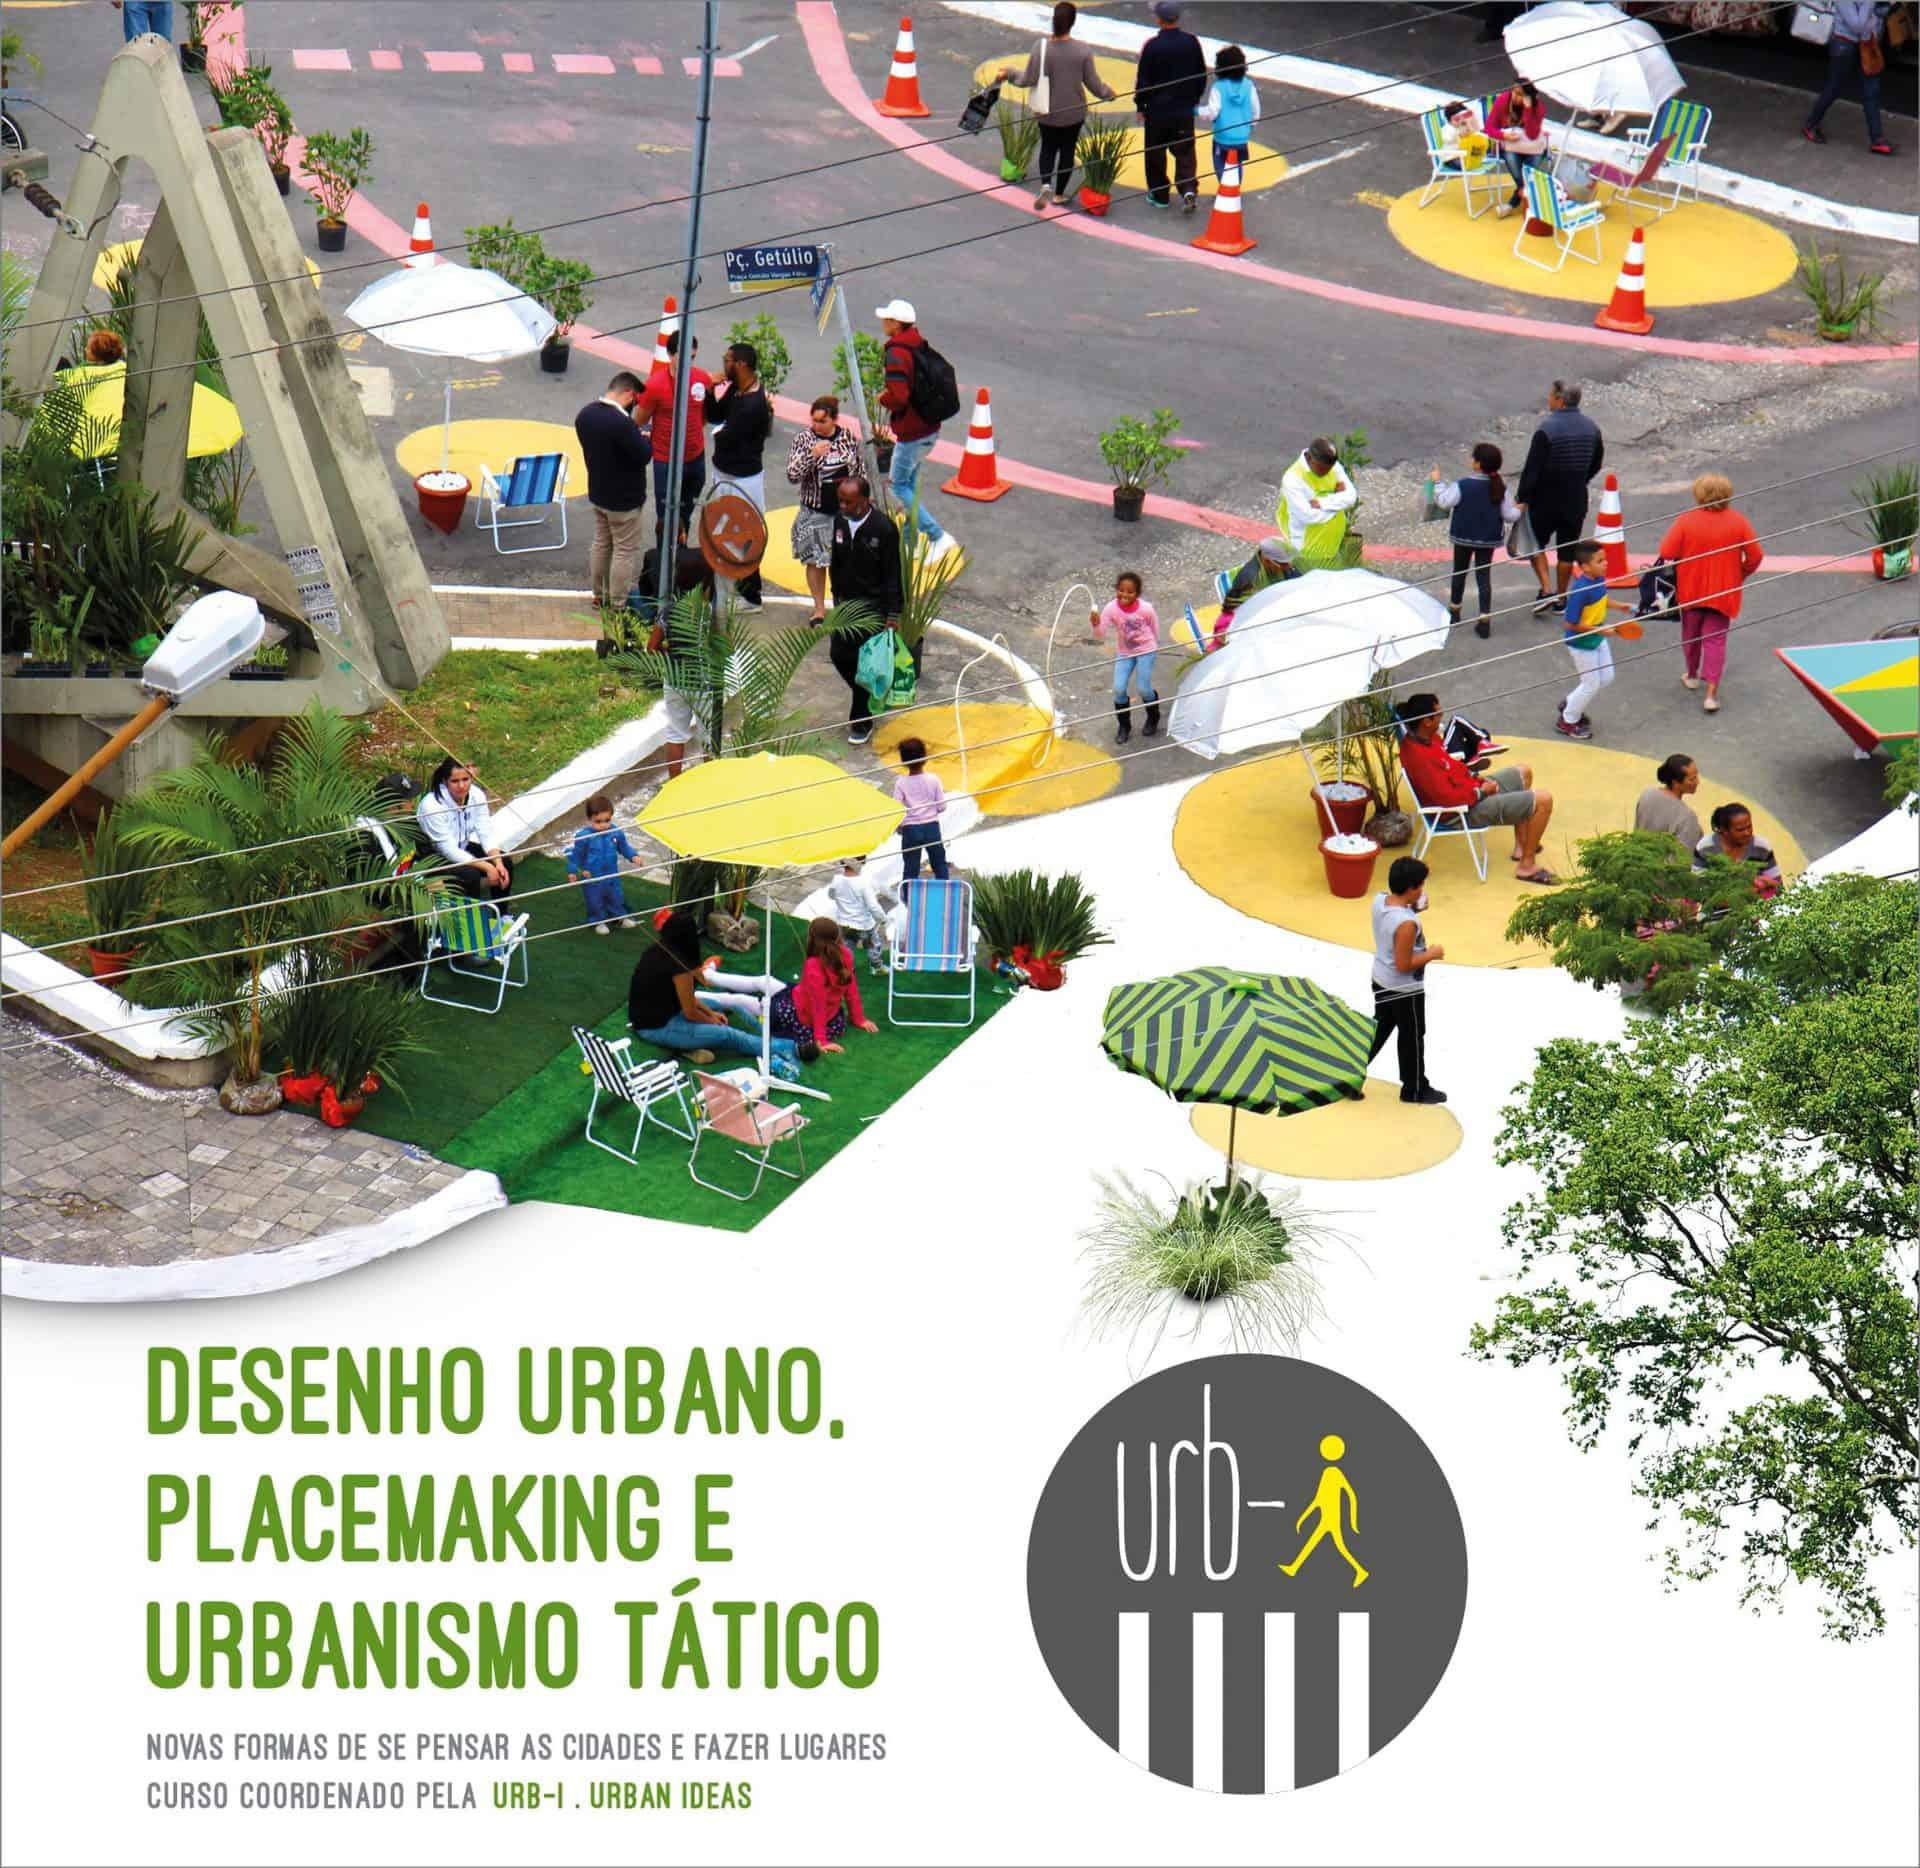 URBi_miniatura_R00.jpg